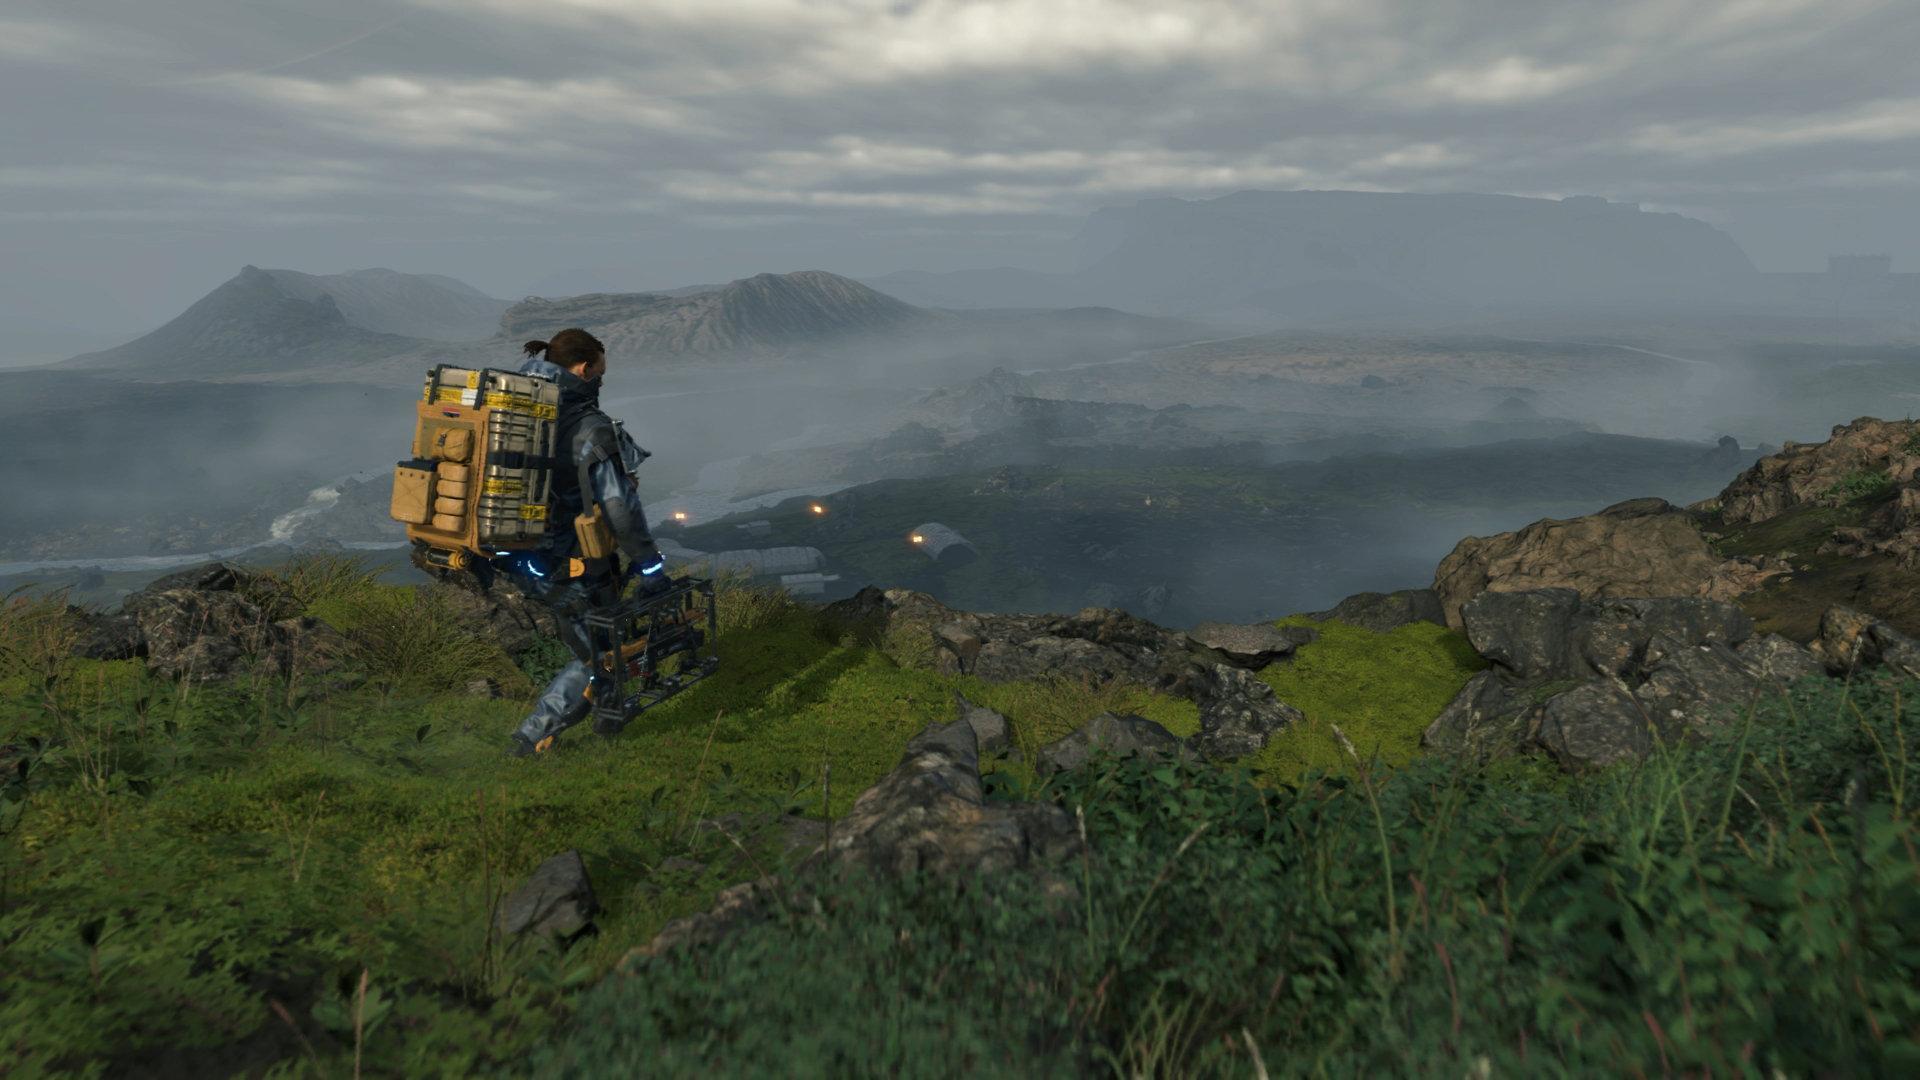 Sam Bridges no alto de uma montanha